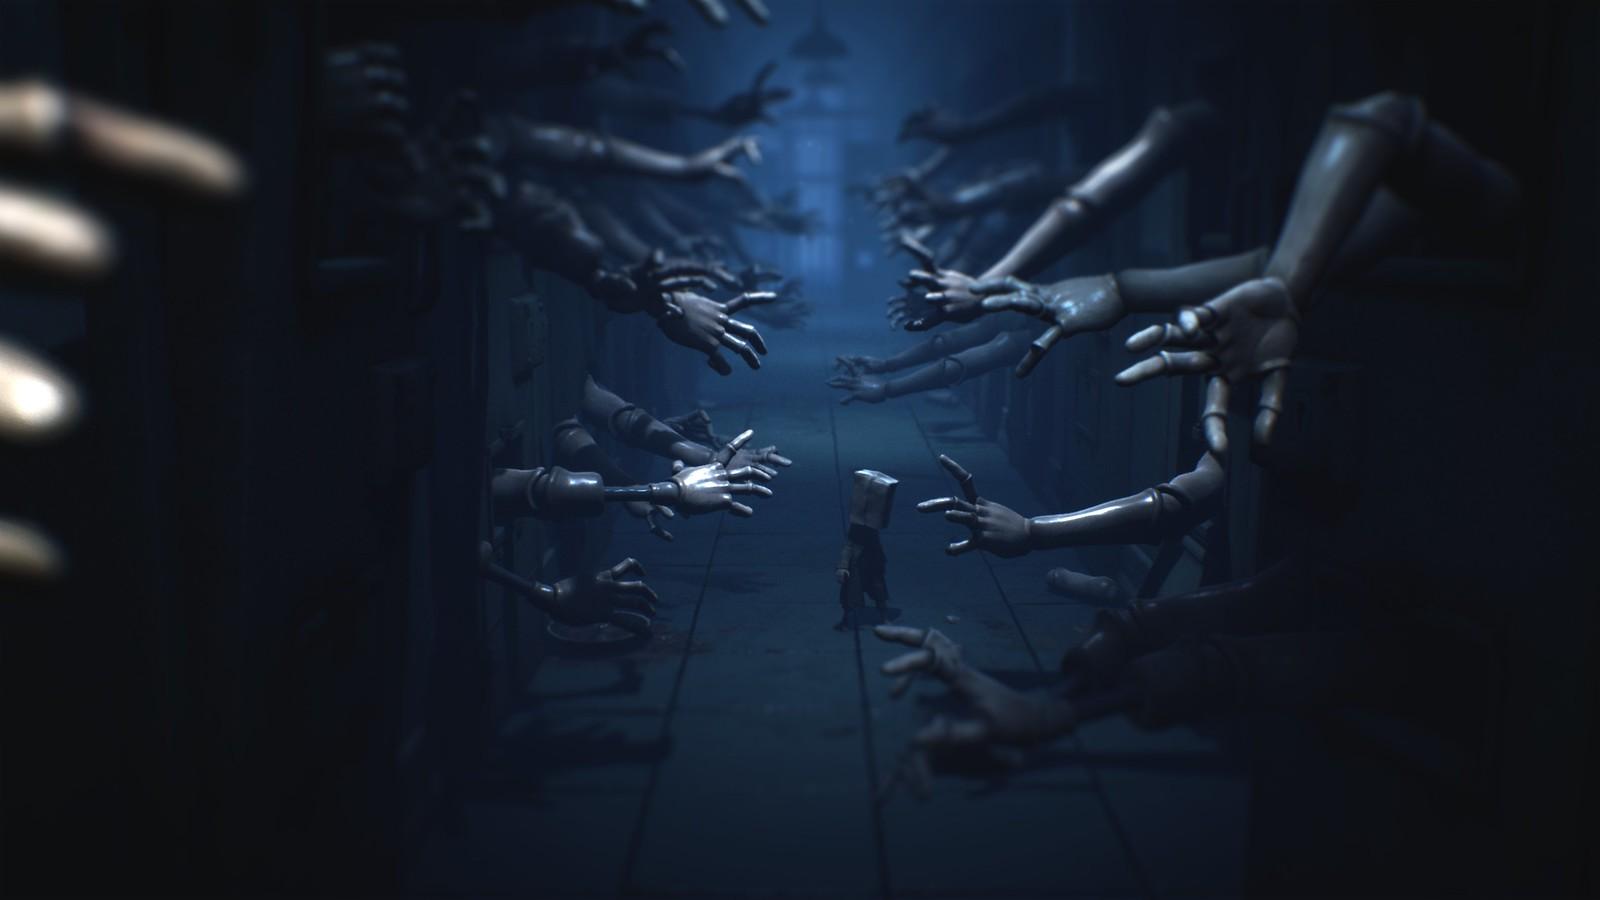 little-nightmares-4